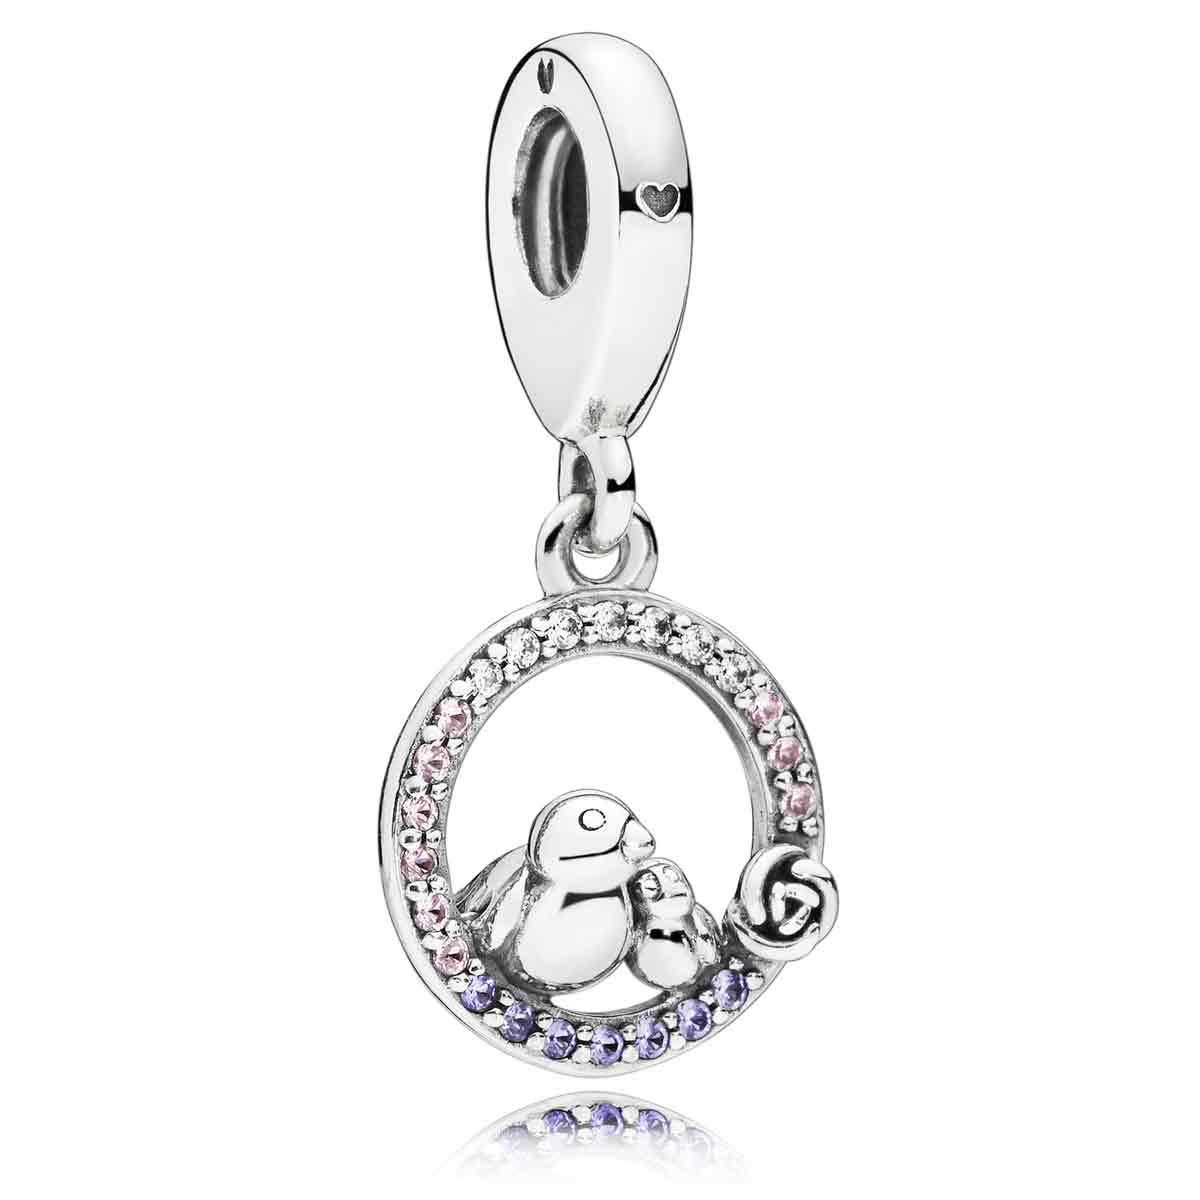 Pandora Women Silver Pendant - 797196EN23 BqoVW